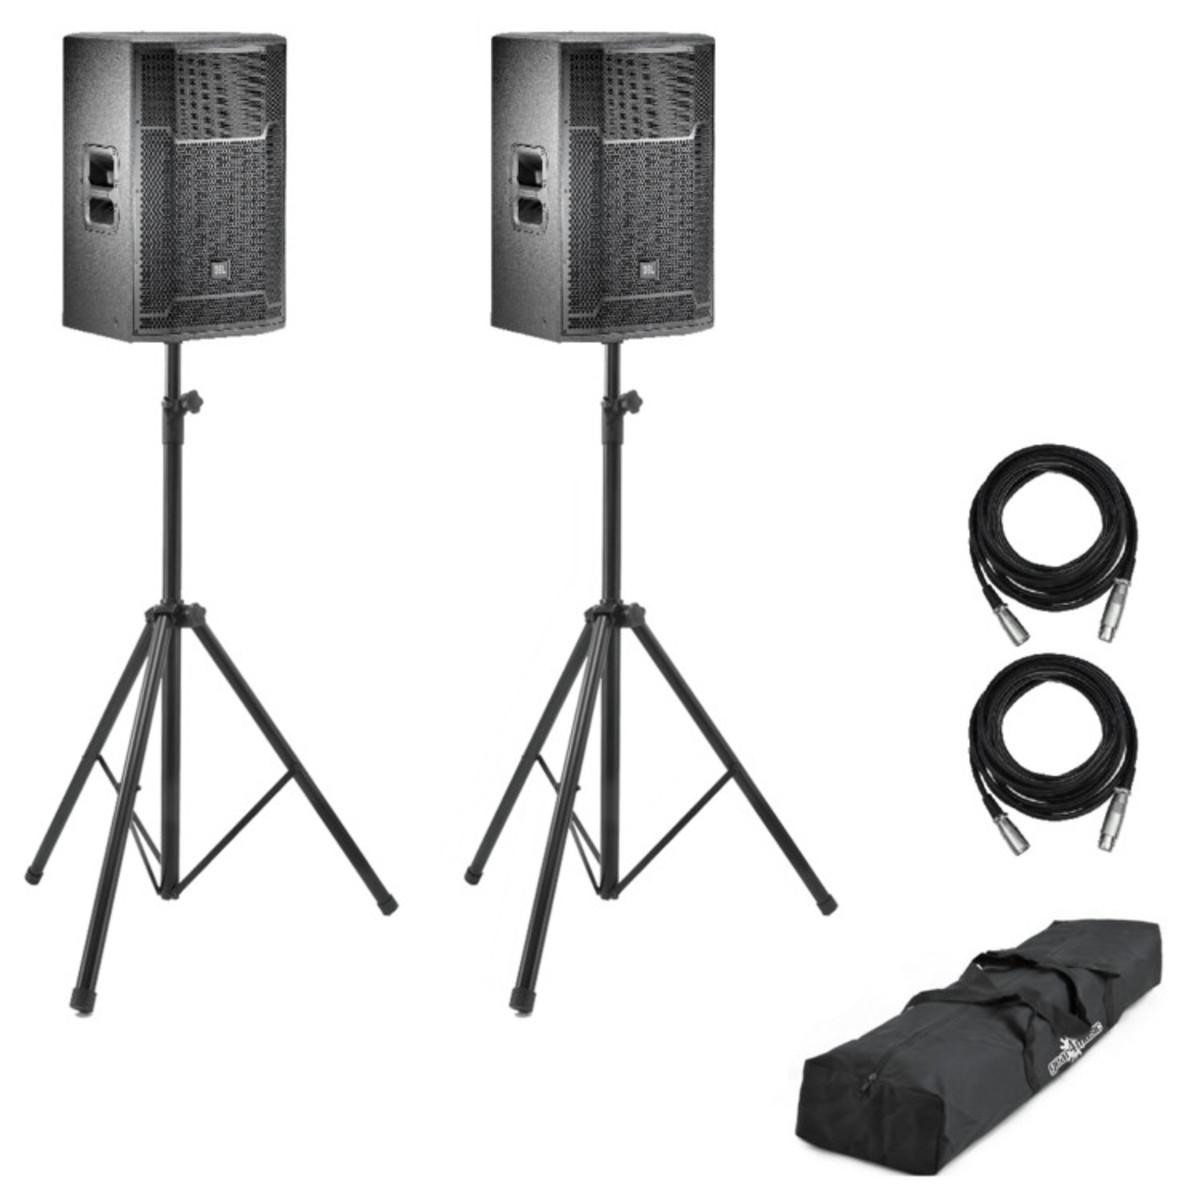 jbl prx715 15 active pa speaker bundle including stands gear4music. Black Bedroom Furniture Sets. Home Design Ideas